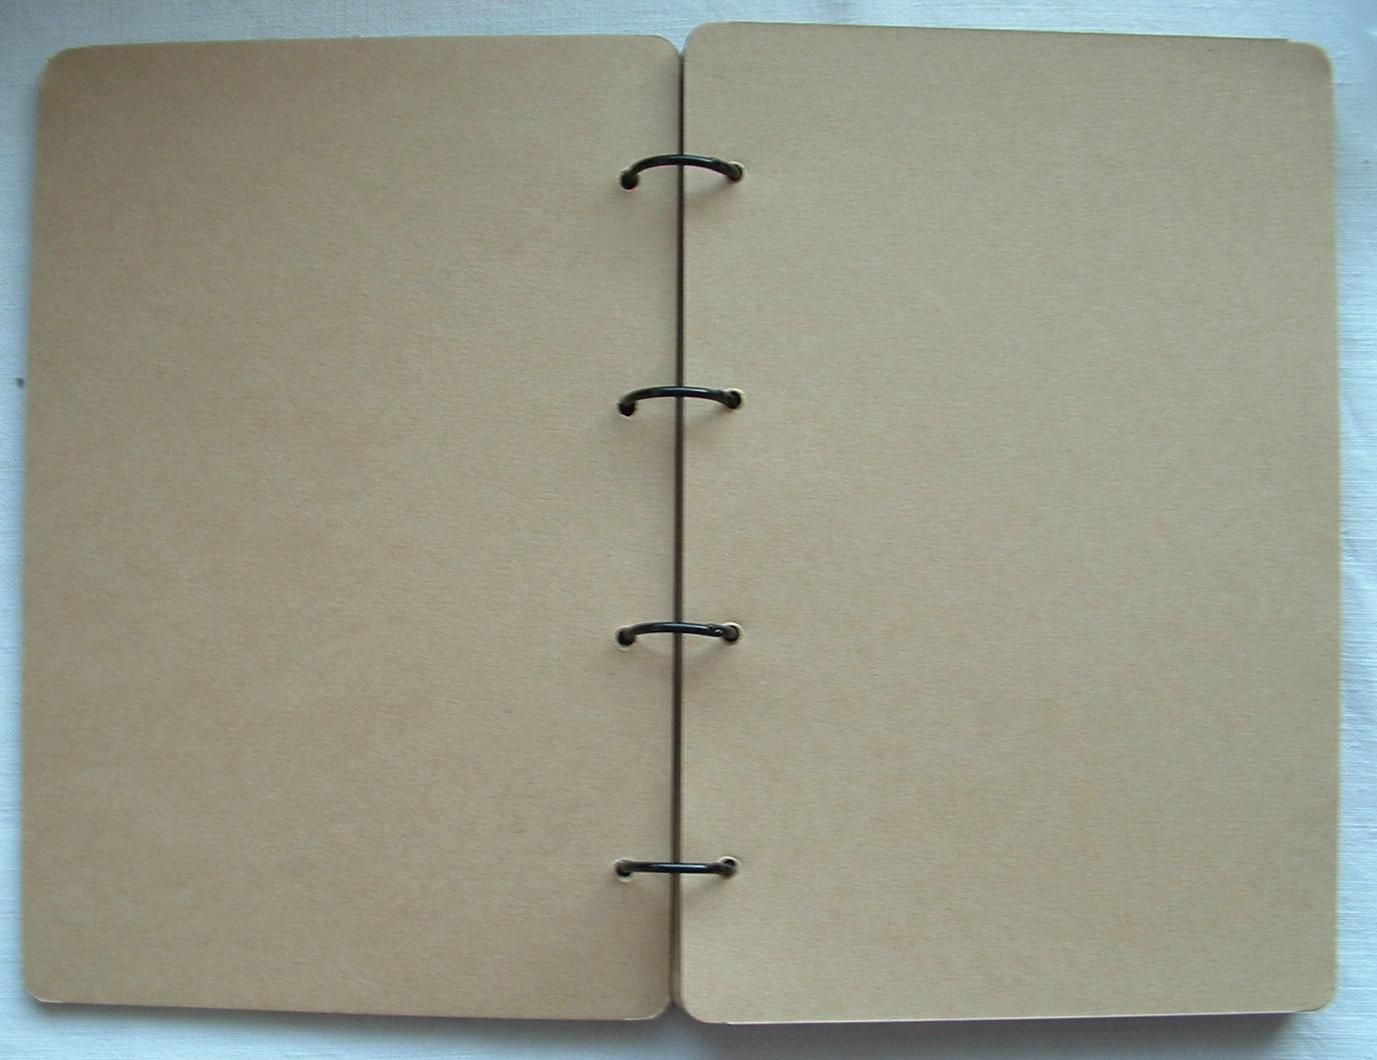 vif et grand en style produits de qualité style top Art Journal avec CriCri04